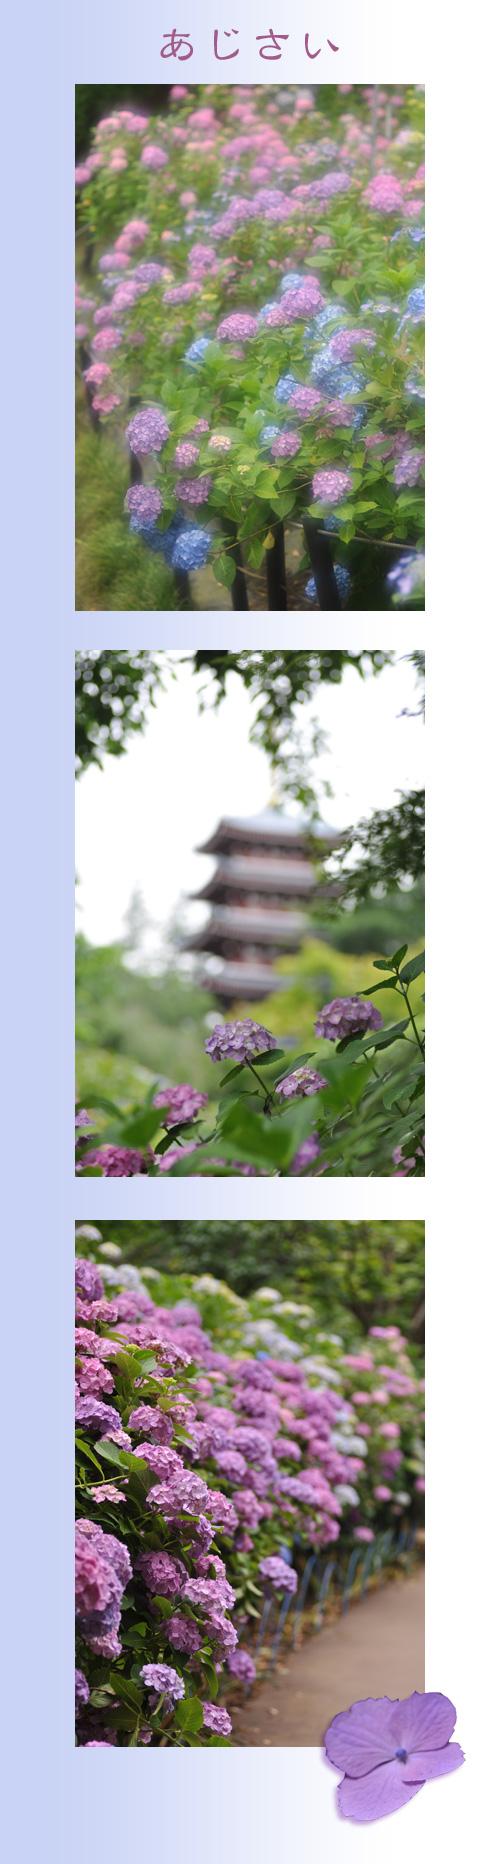 6月22日紫陽花1